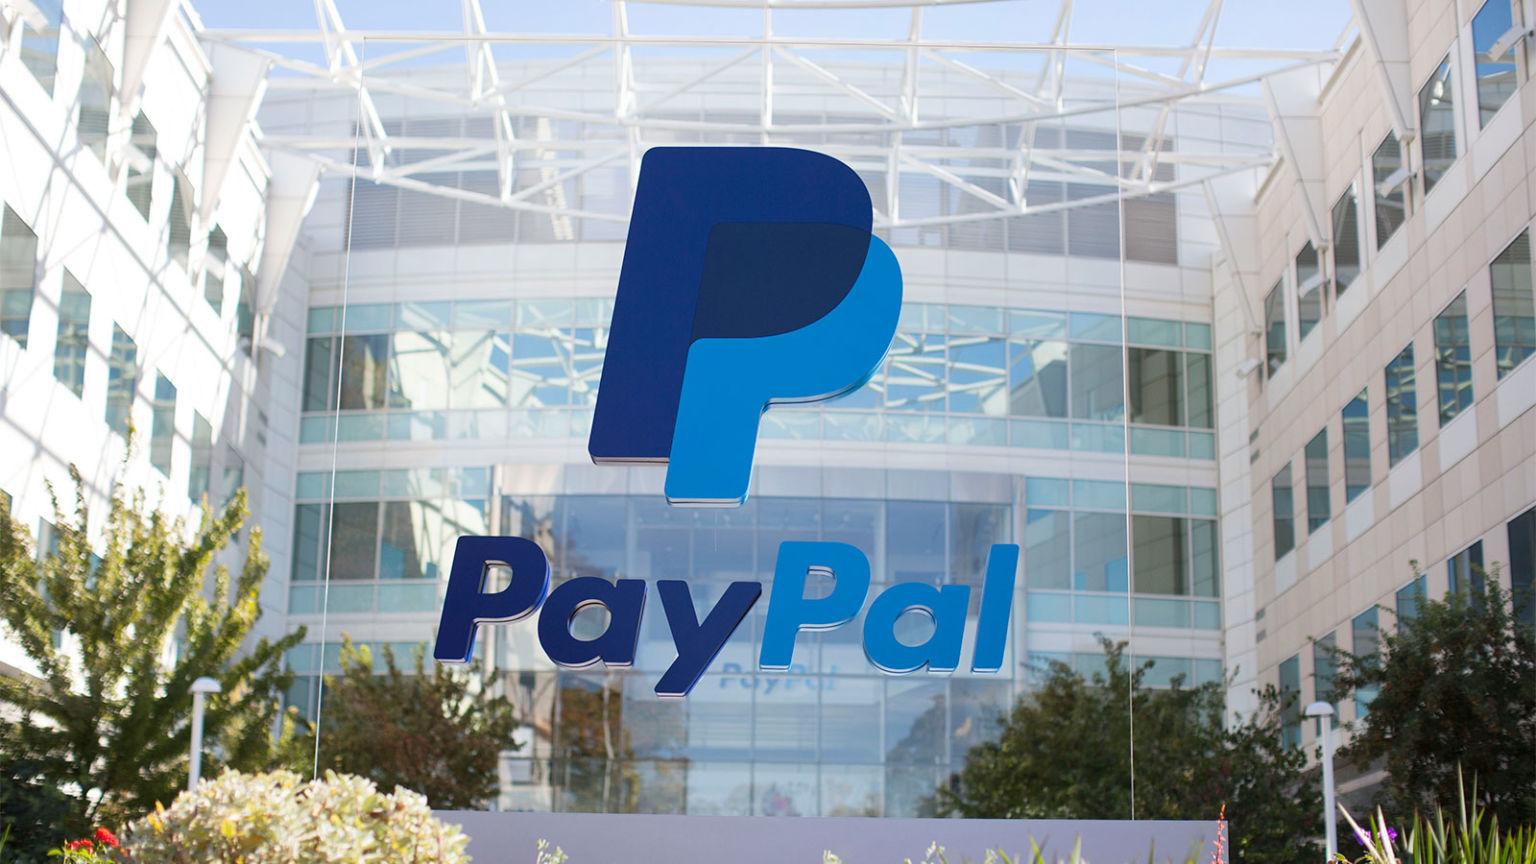 বাংলাদেশ থেকে PayPal একাউন্ট খুলার সহজ পদ্বতি (Youtube ভিডিও দেখে তো অনেক হয়রানি হলেন, এবার সঠিক পদ্ধতিতে কাজ করুন)